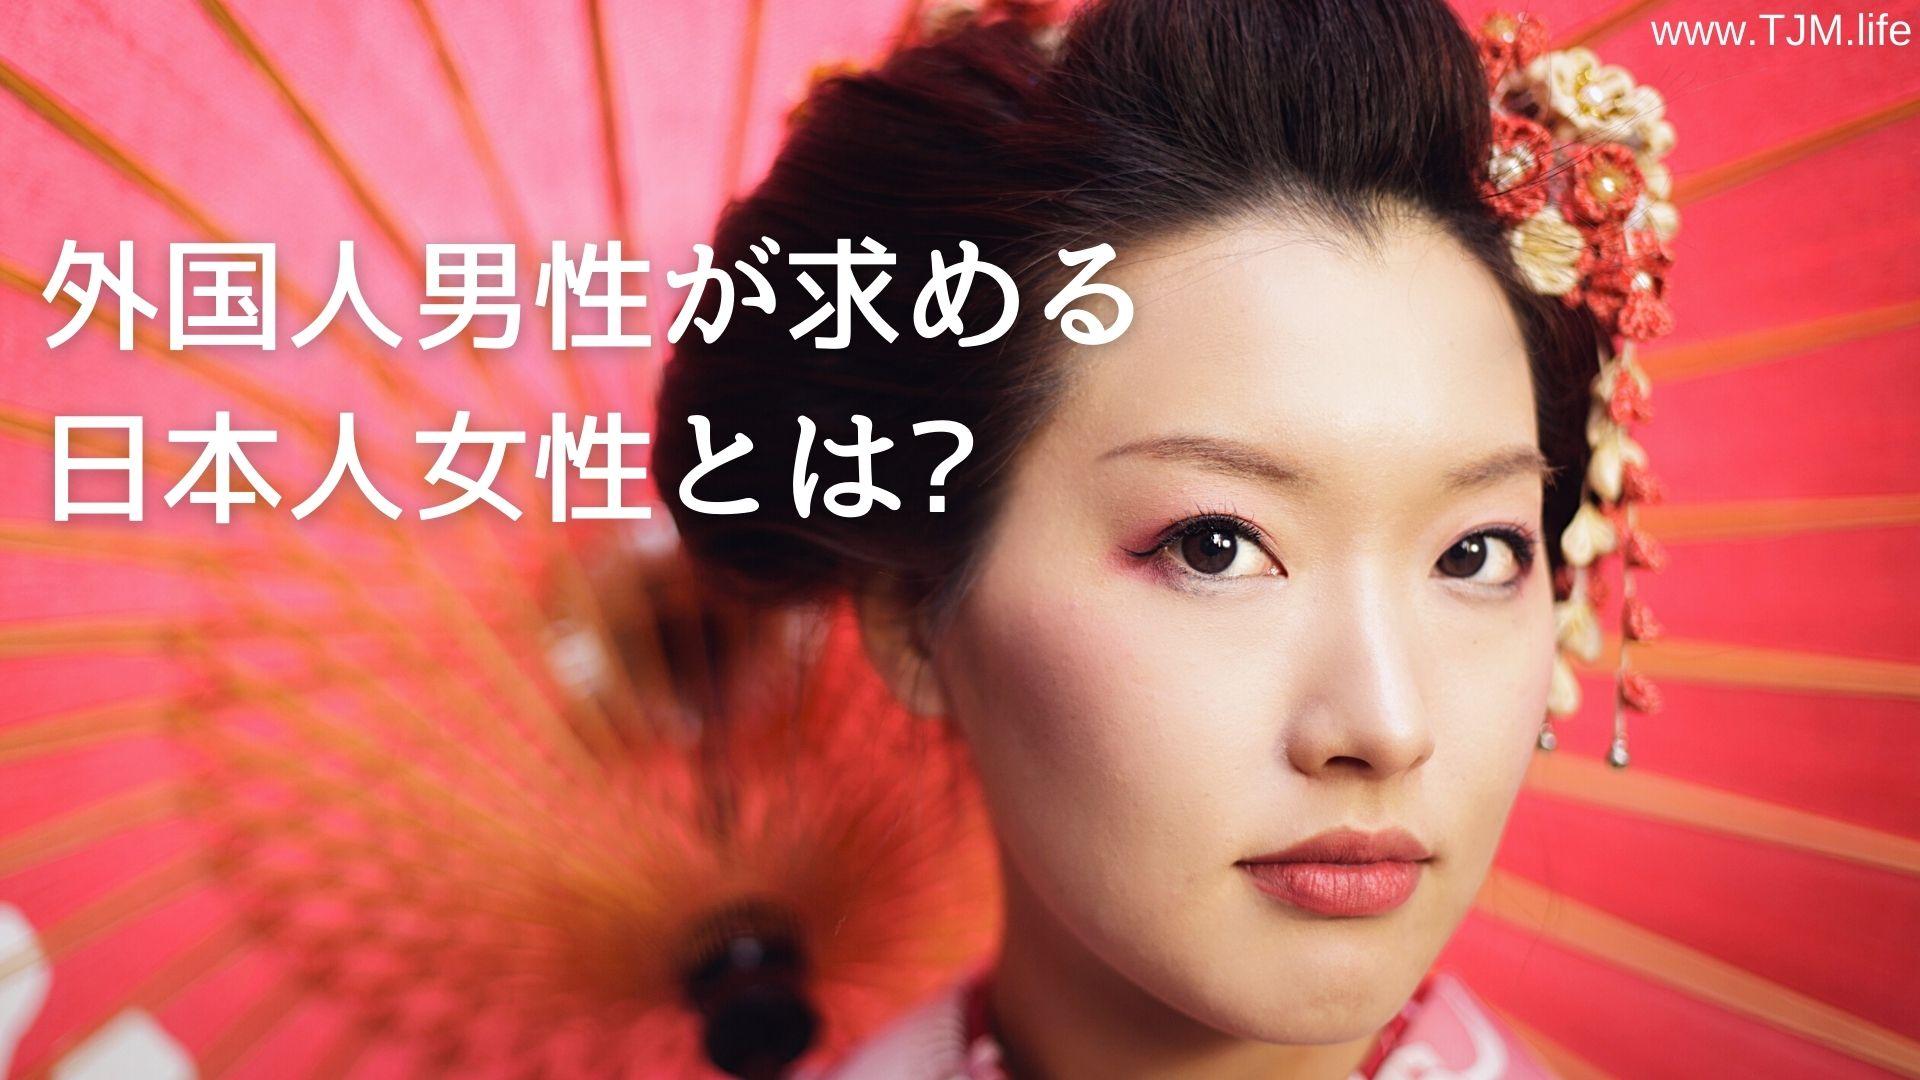 外国人男性が求める日本人女性とは